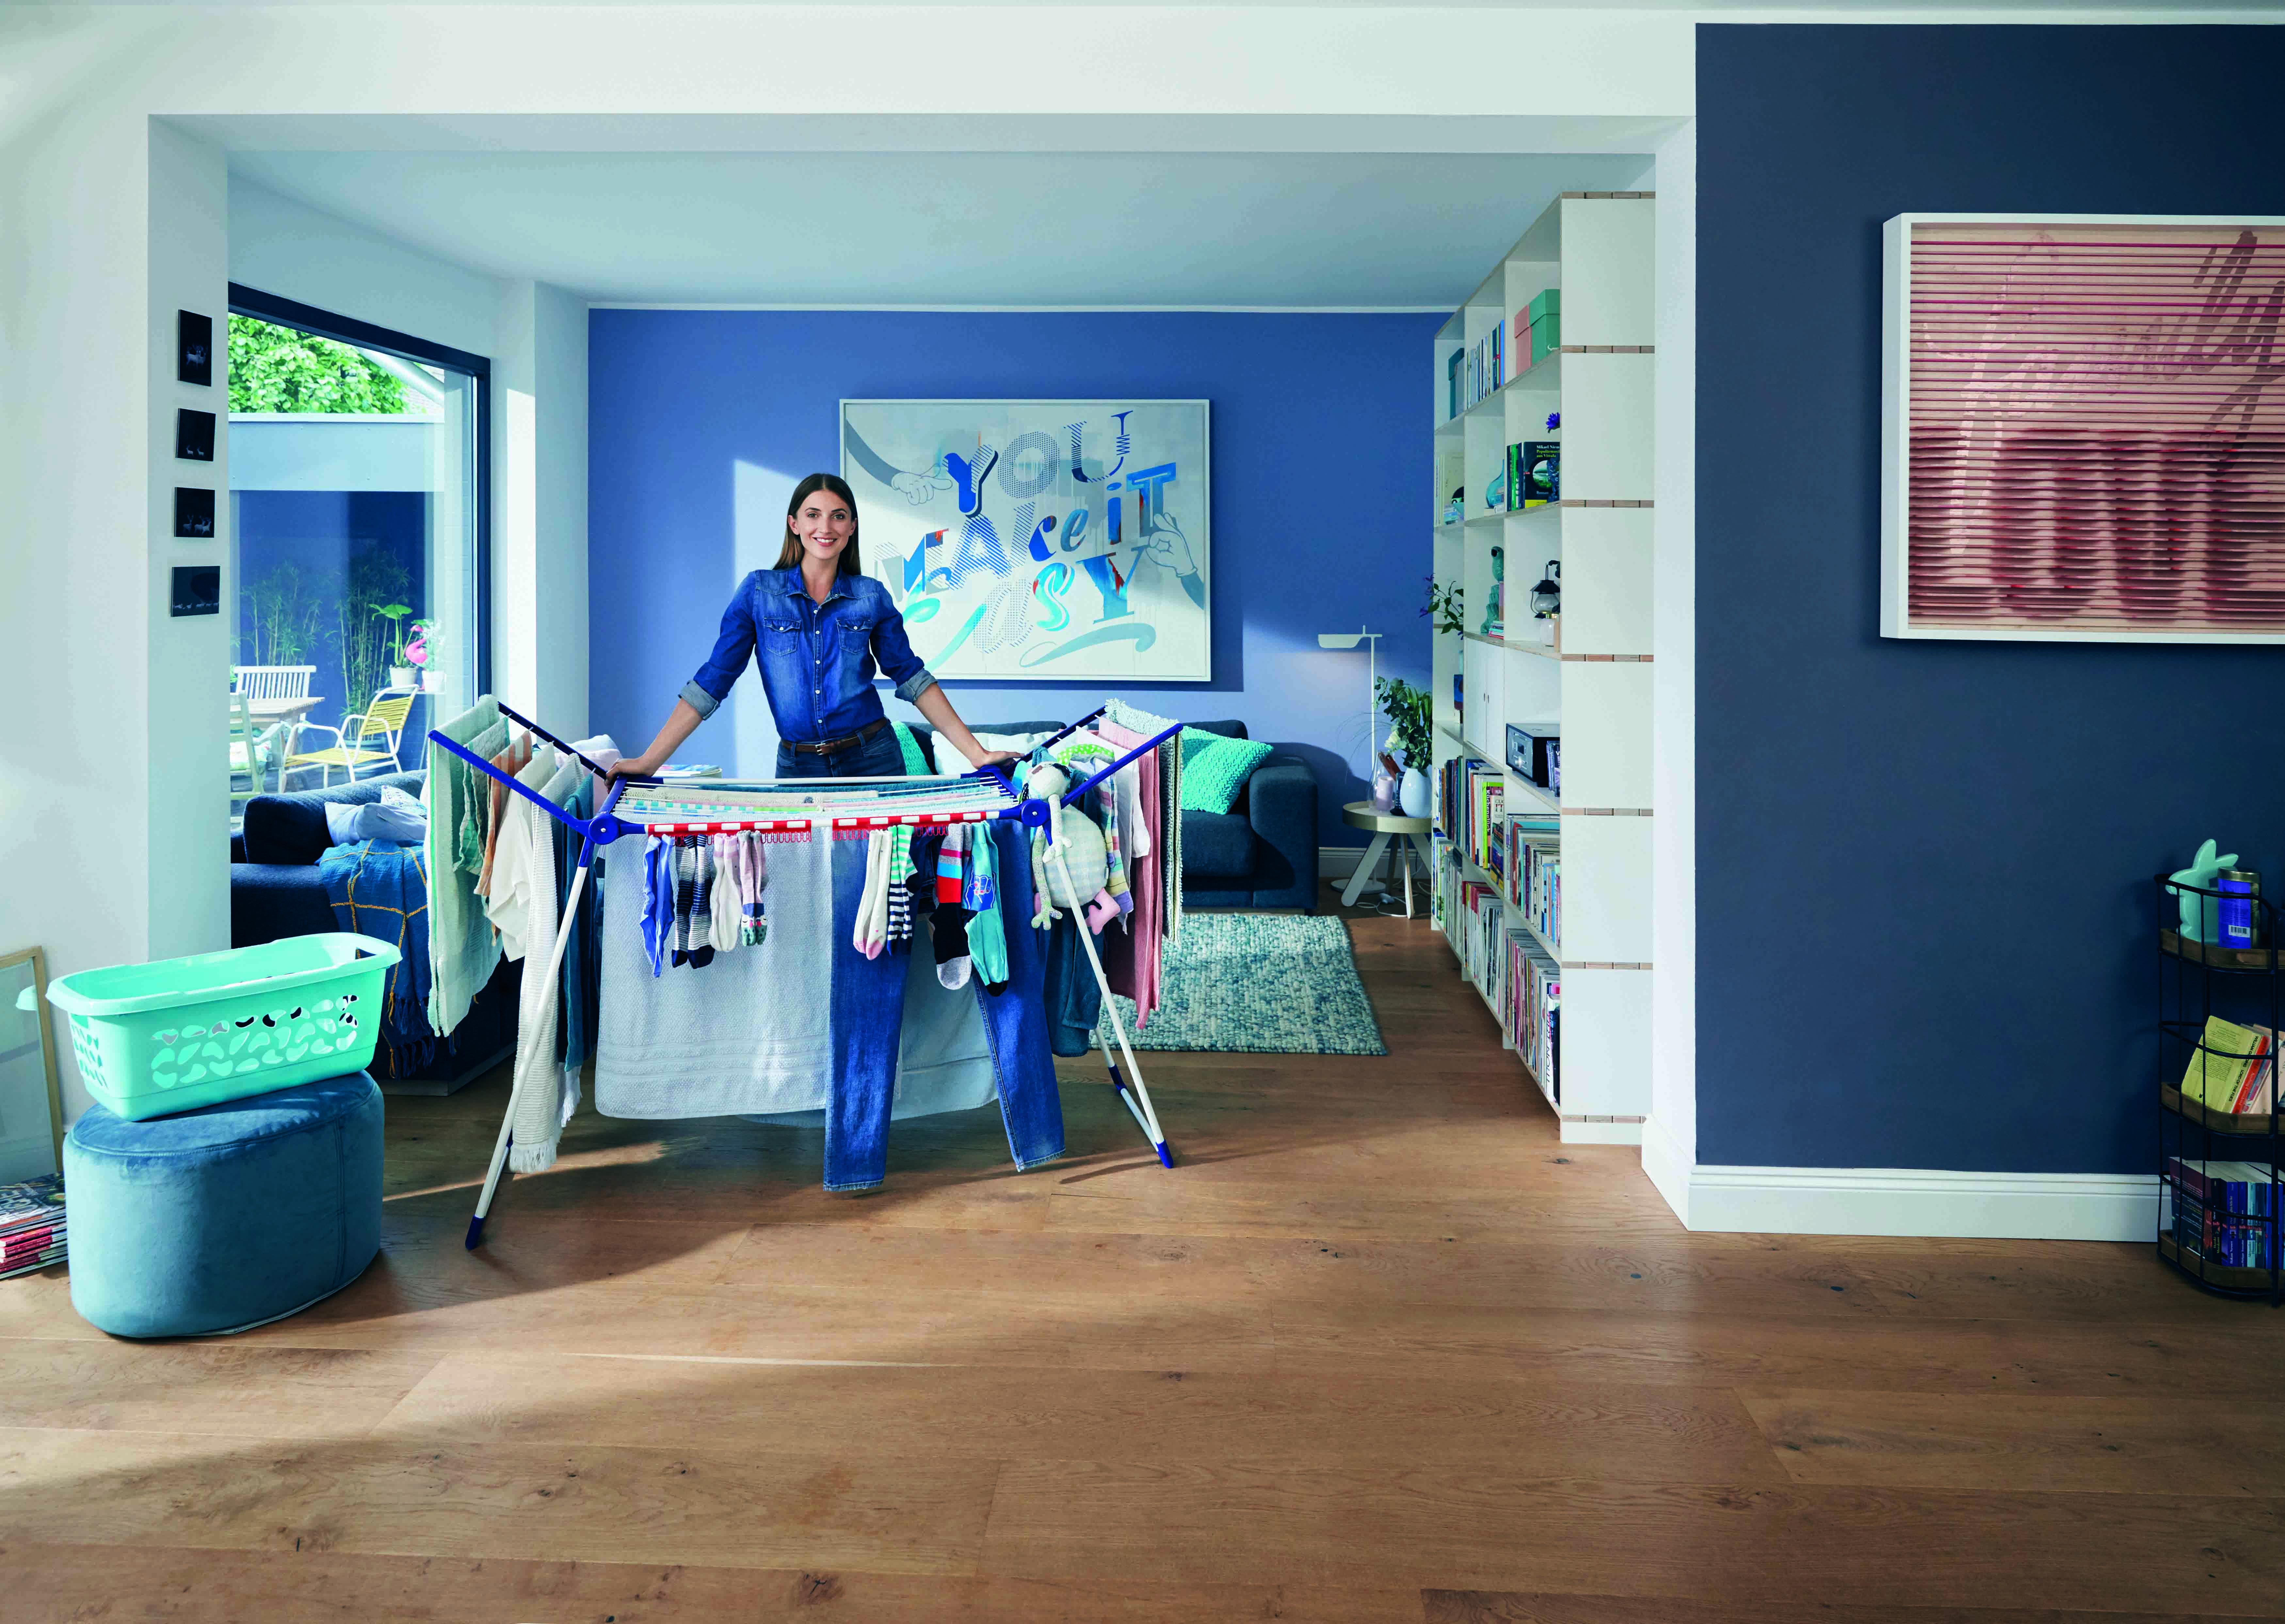 Wäscheaufhängen in der Wohnung